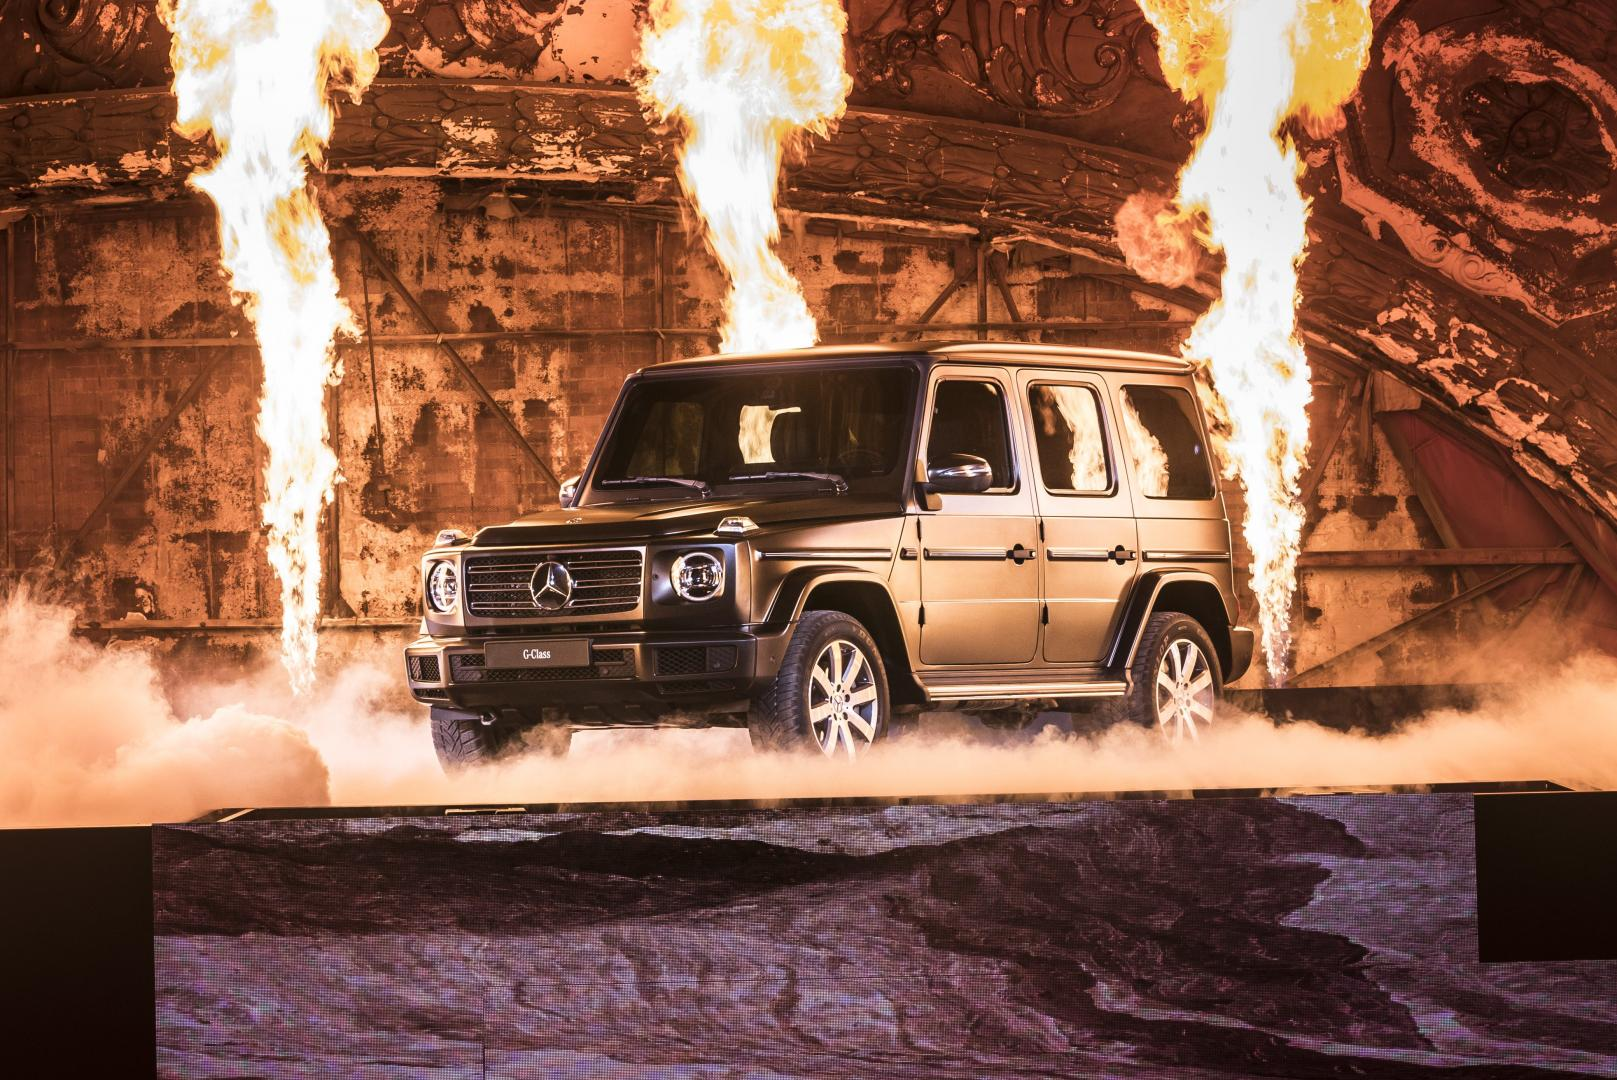 De nieuwe Mercedes G-klasse 2018 verschillen